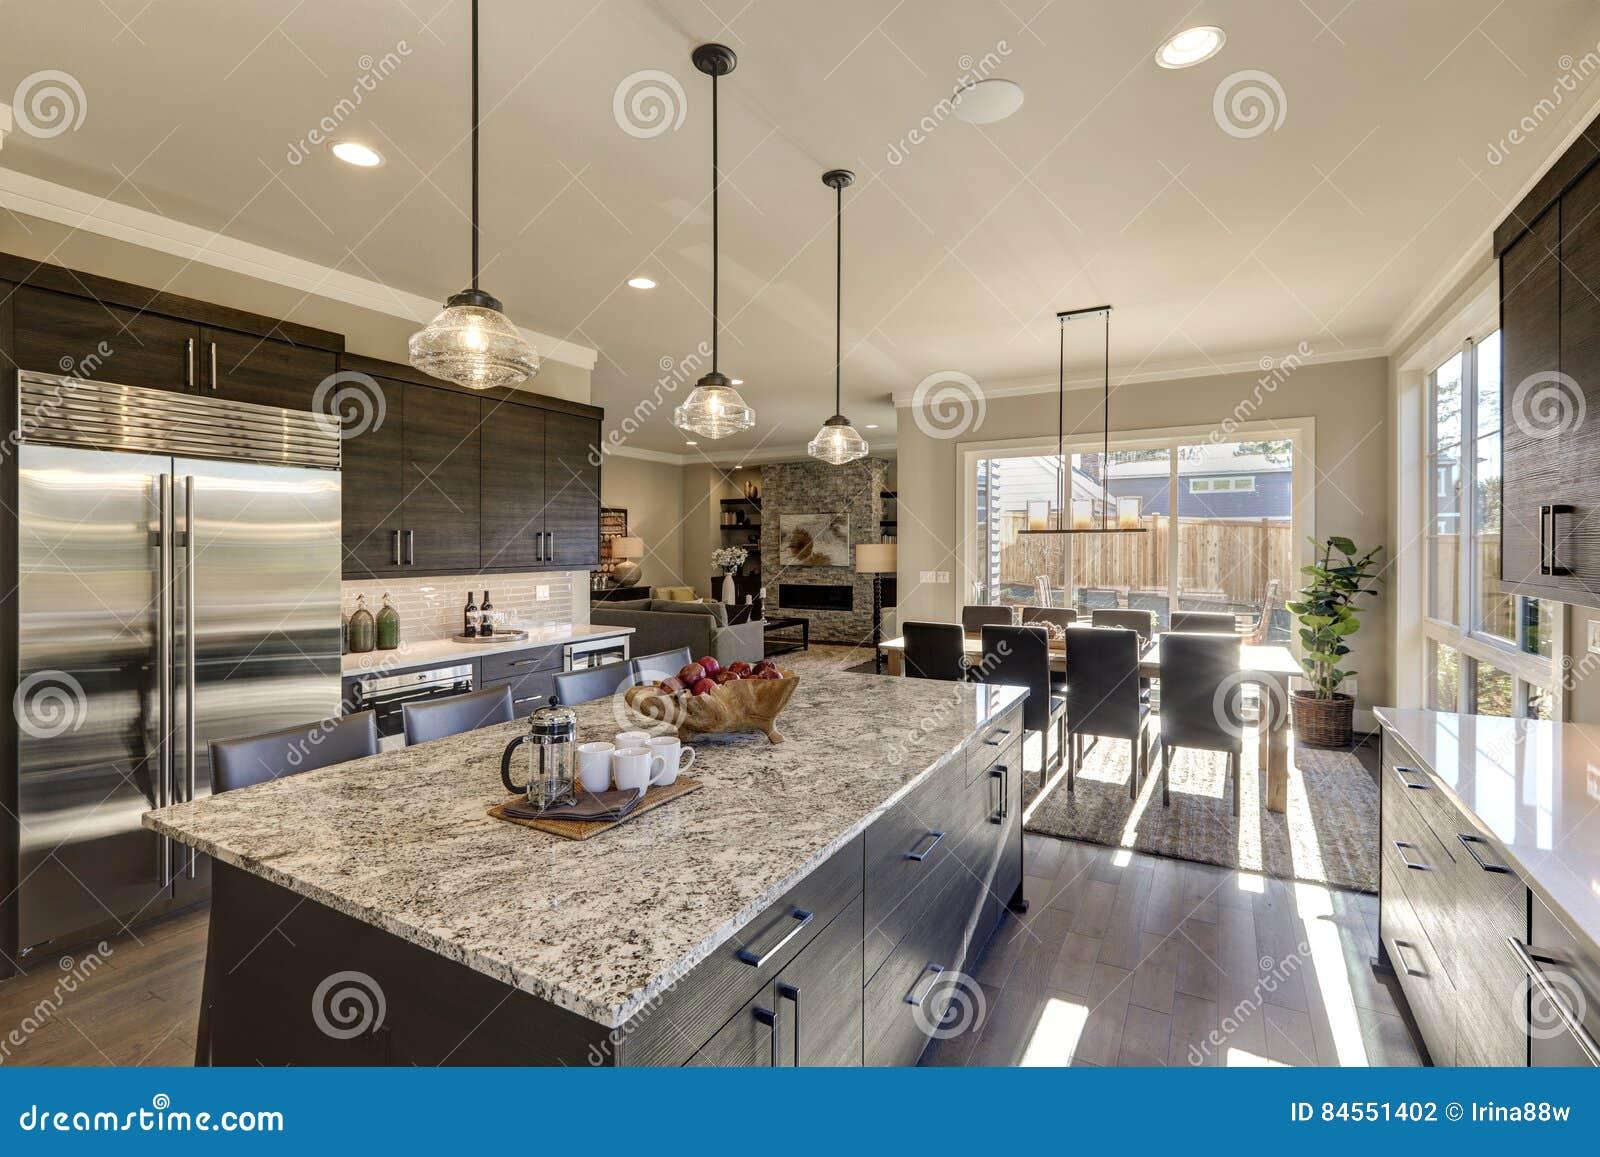 Moderne Graue Küche Kennzeichnet Dunkelgrauen Cabinetry Stockfoto ...